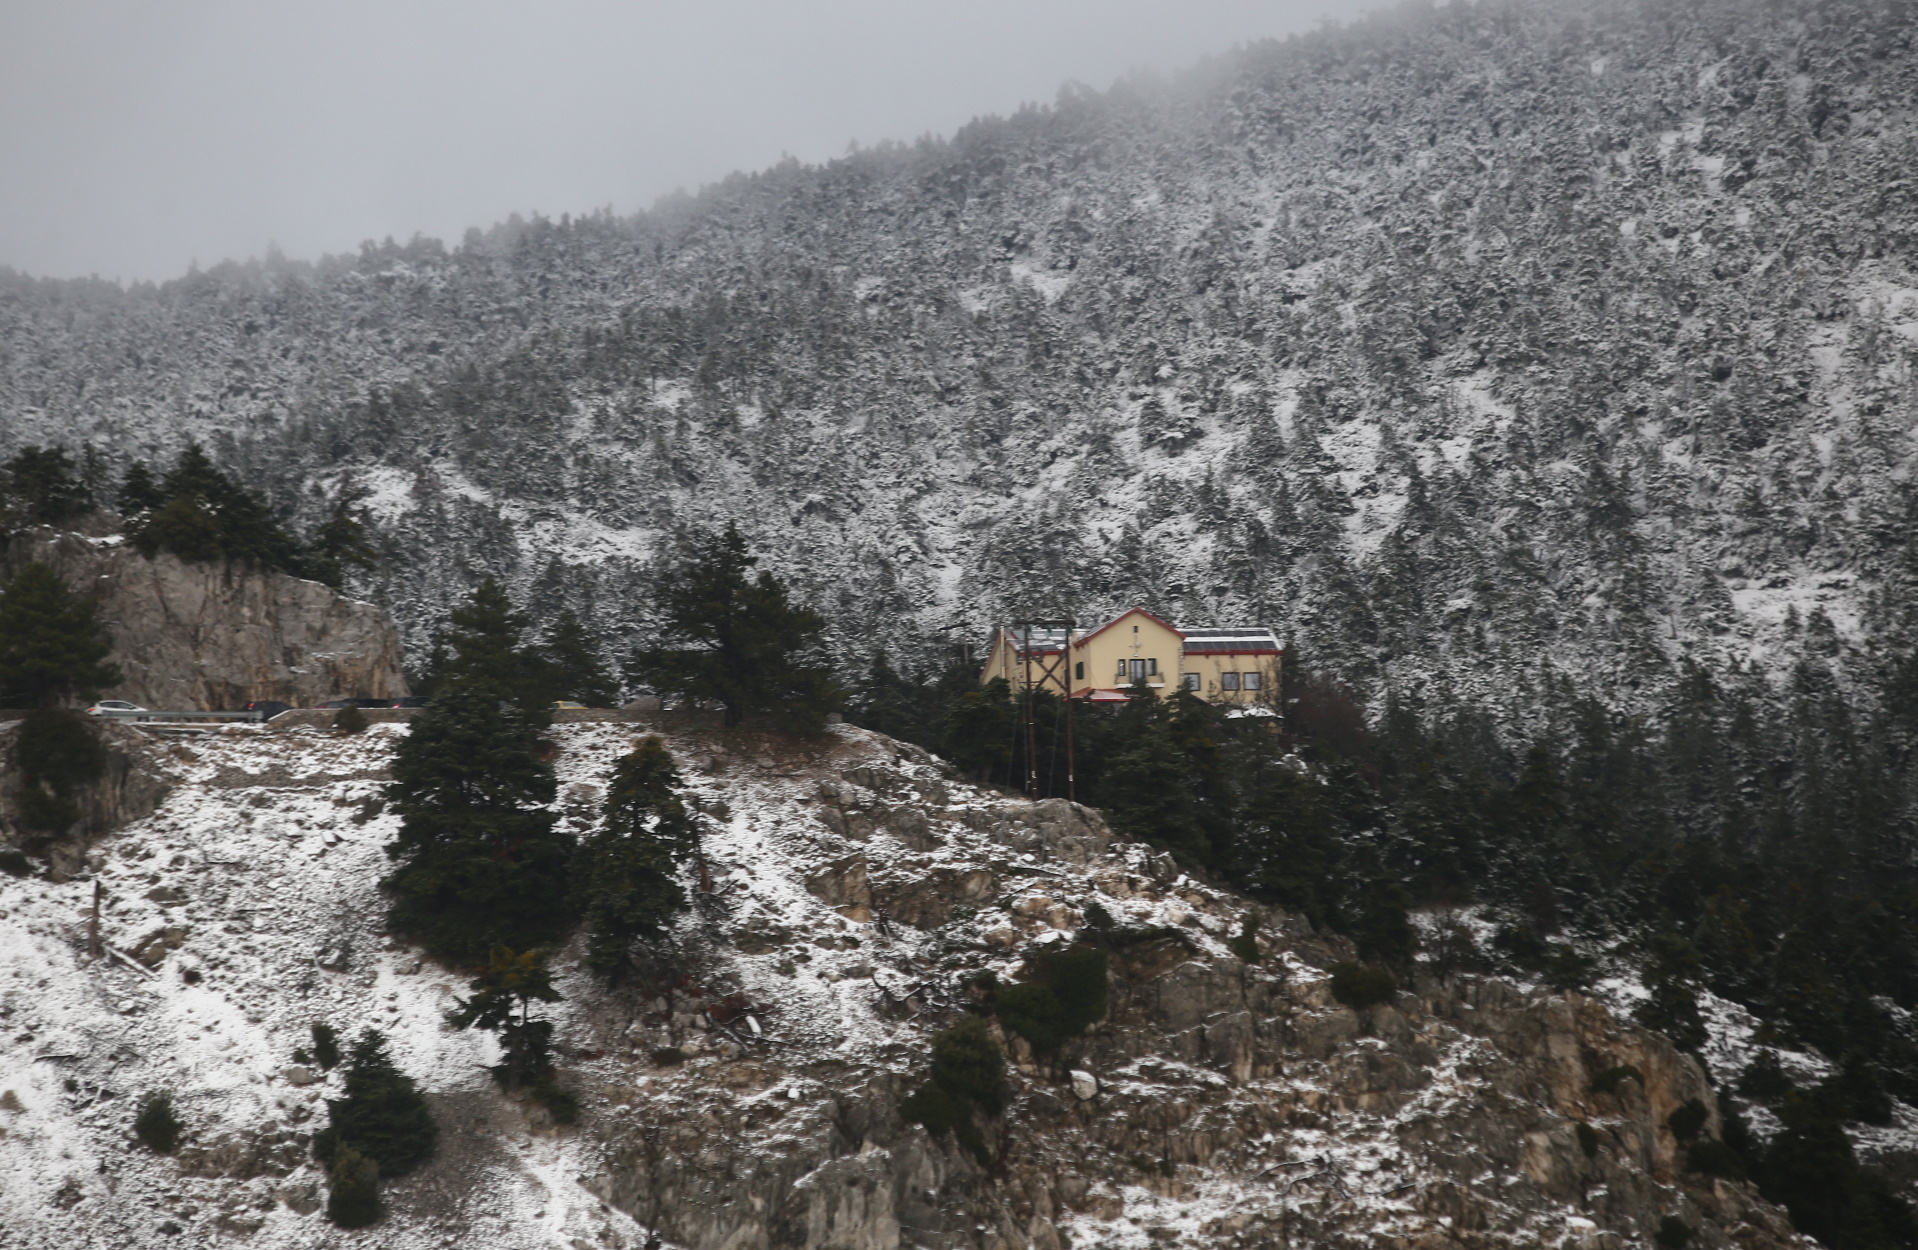 Πάρνηθα: Το μοναχικό εκκλησάκι στο Κεραμίδι που μάλλον δεν γνωρίζεις